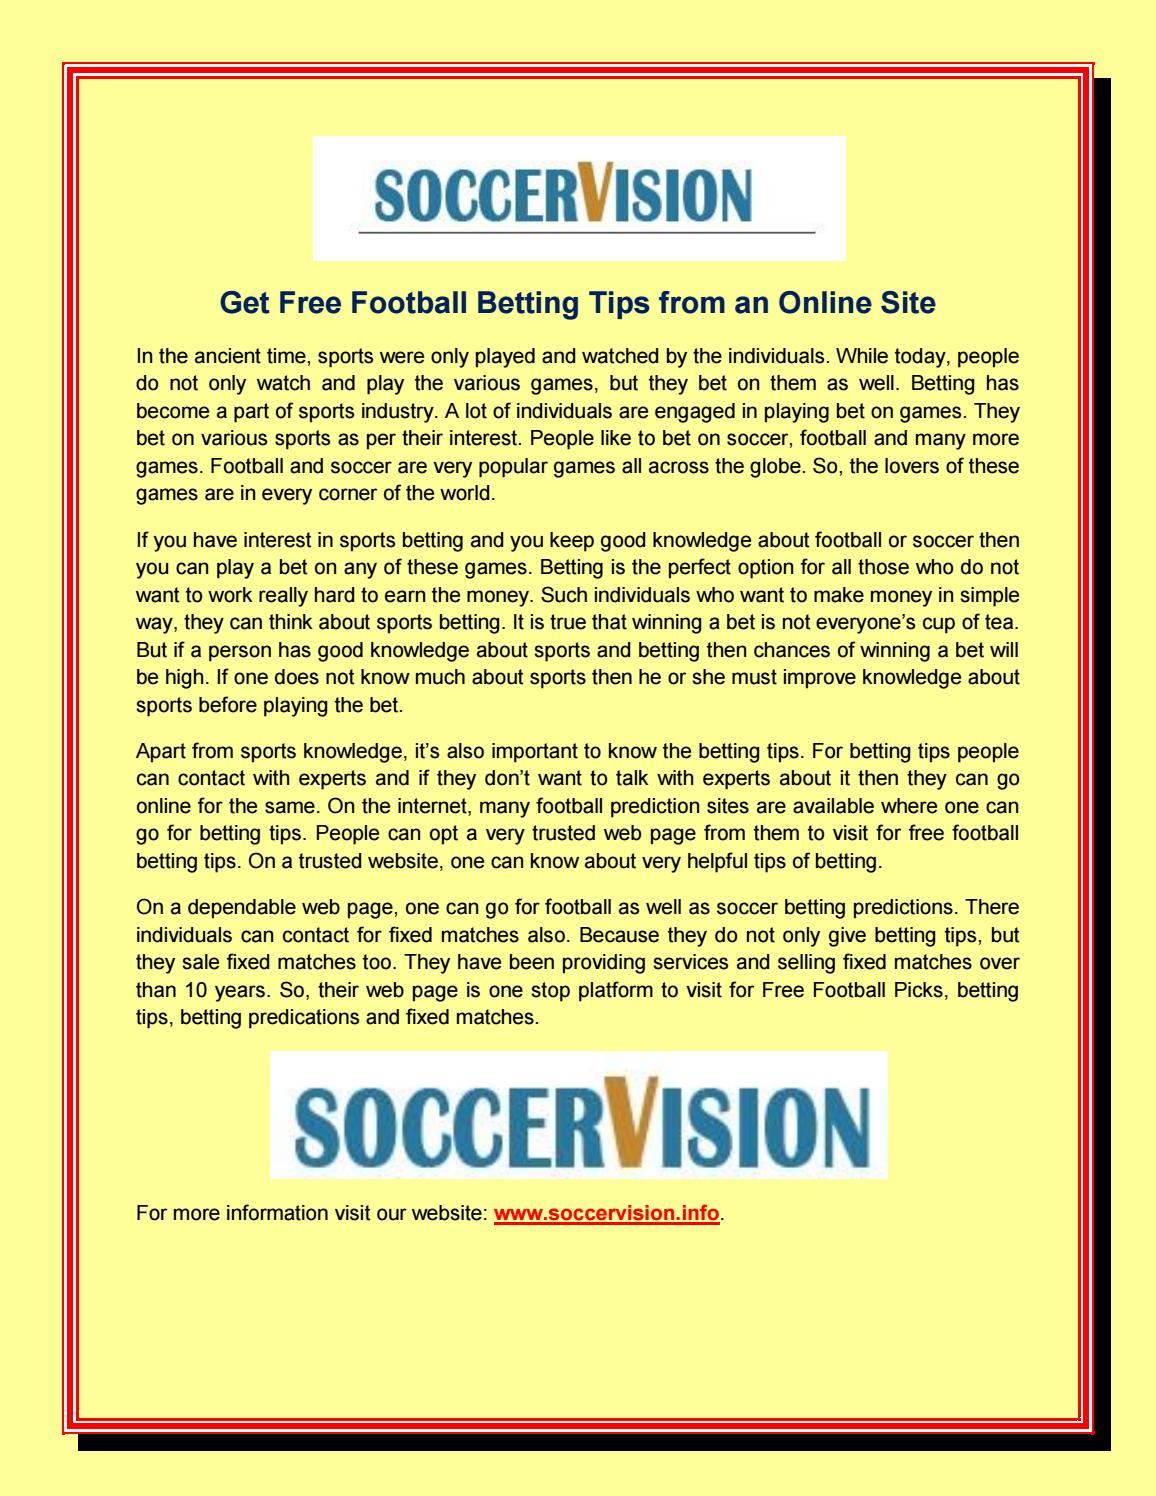 soccer betting tips website